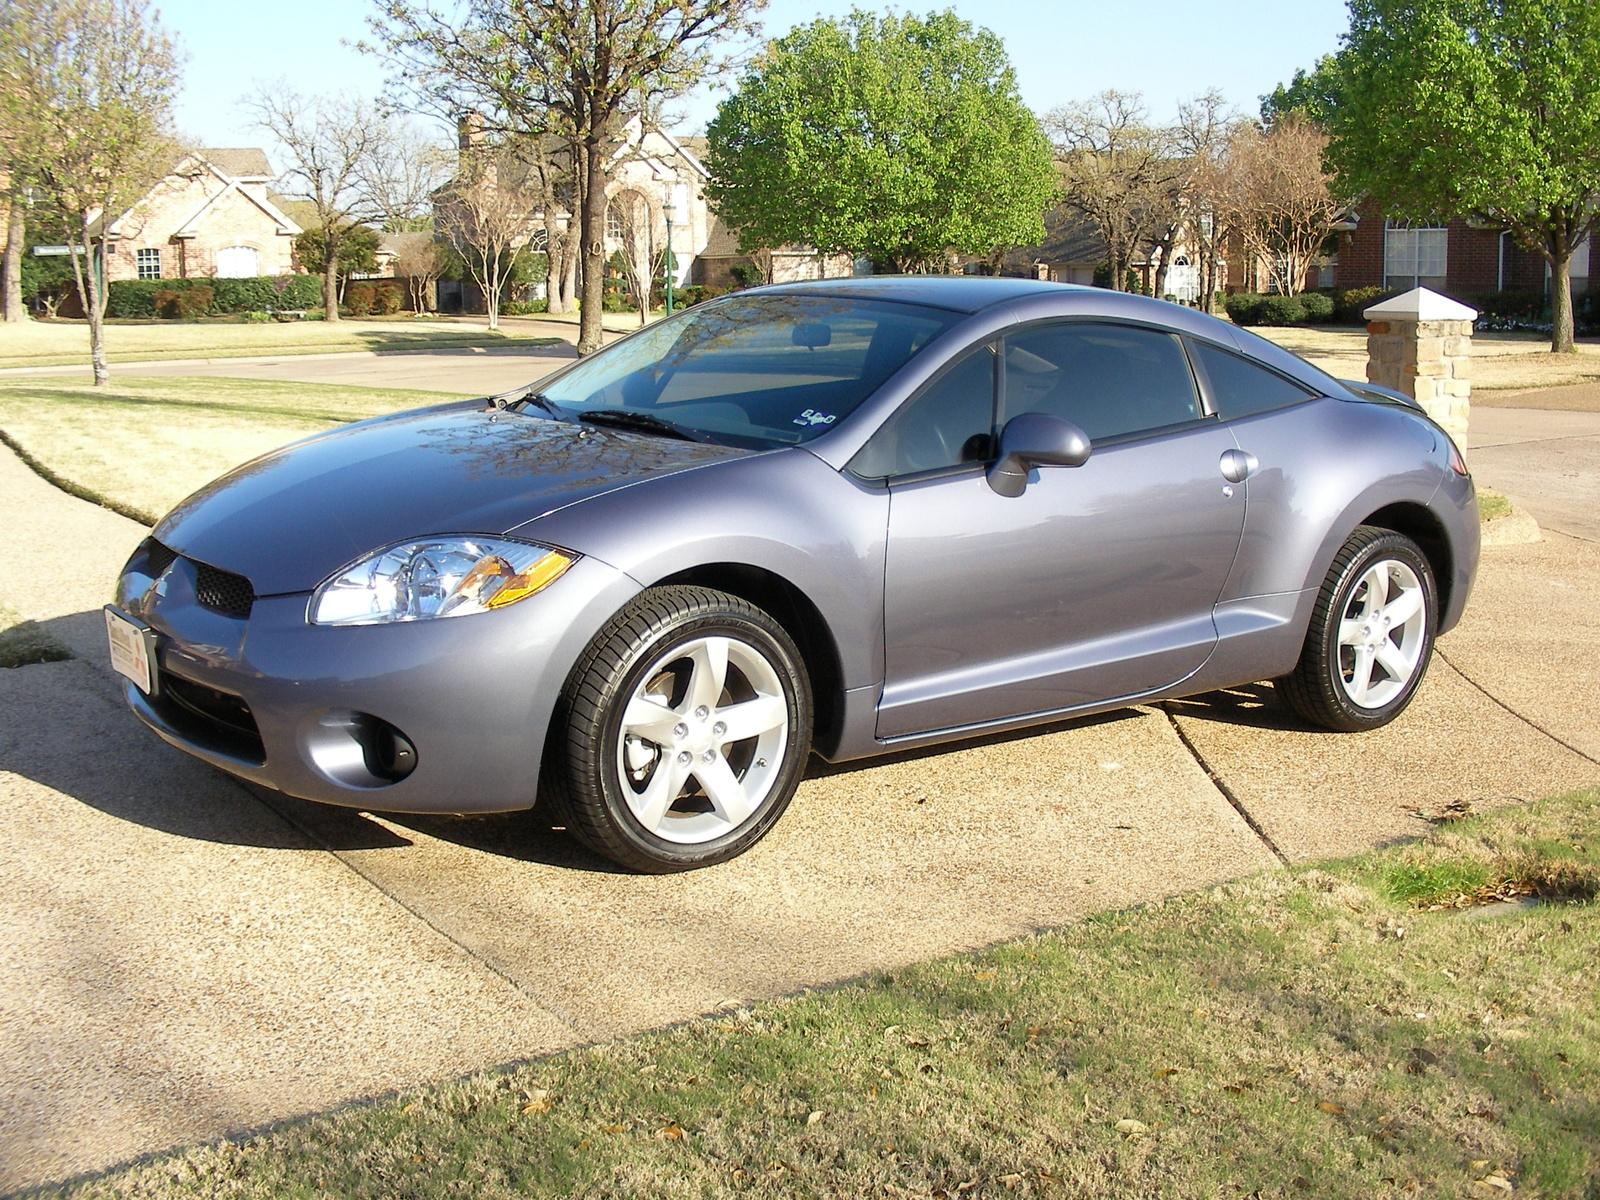 2008 Mitsubishi Eclipse Pictures Cargurus